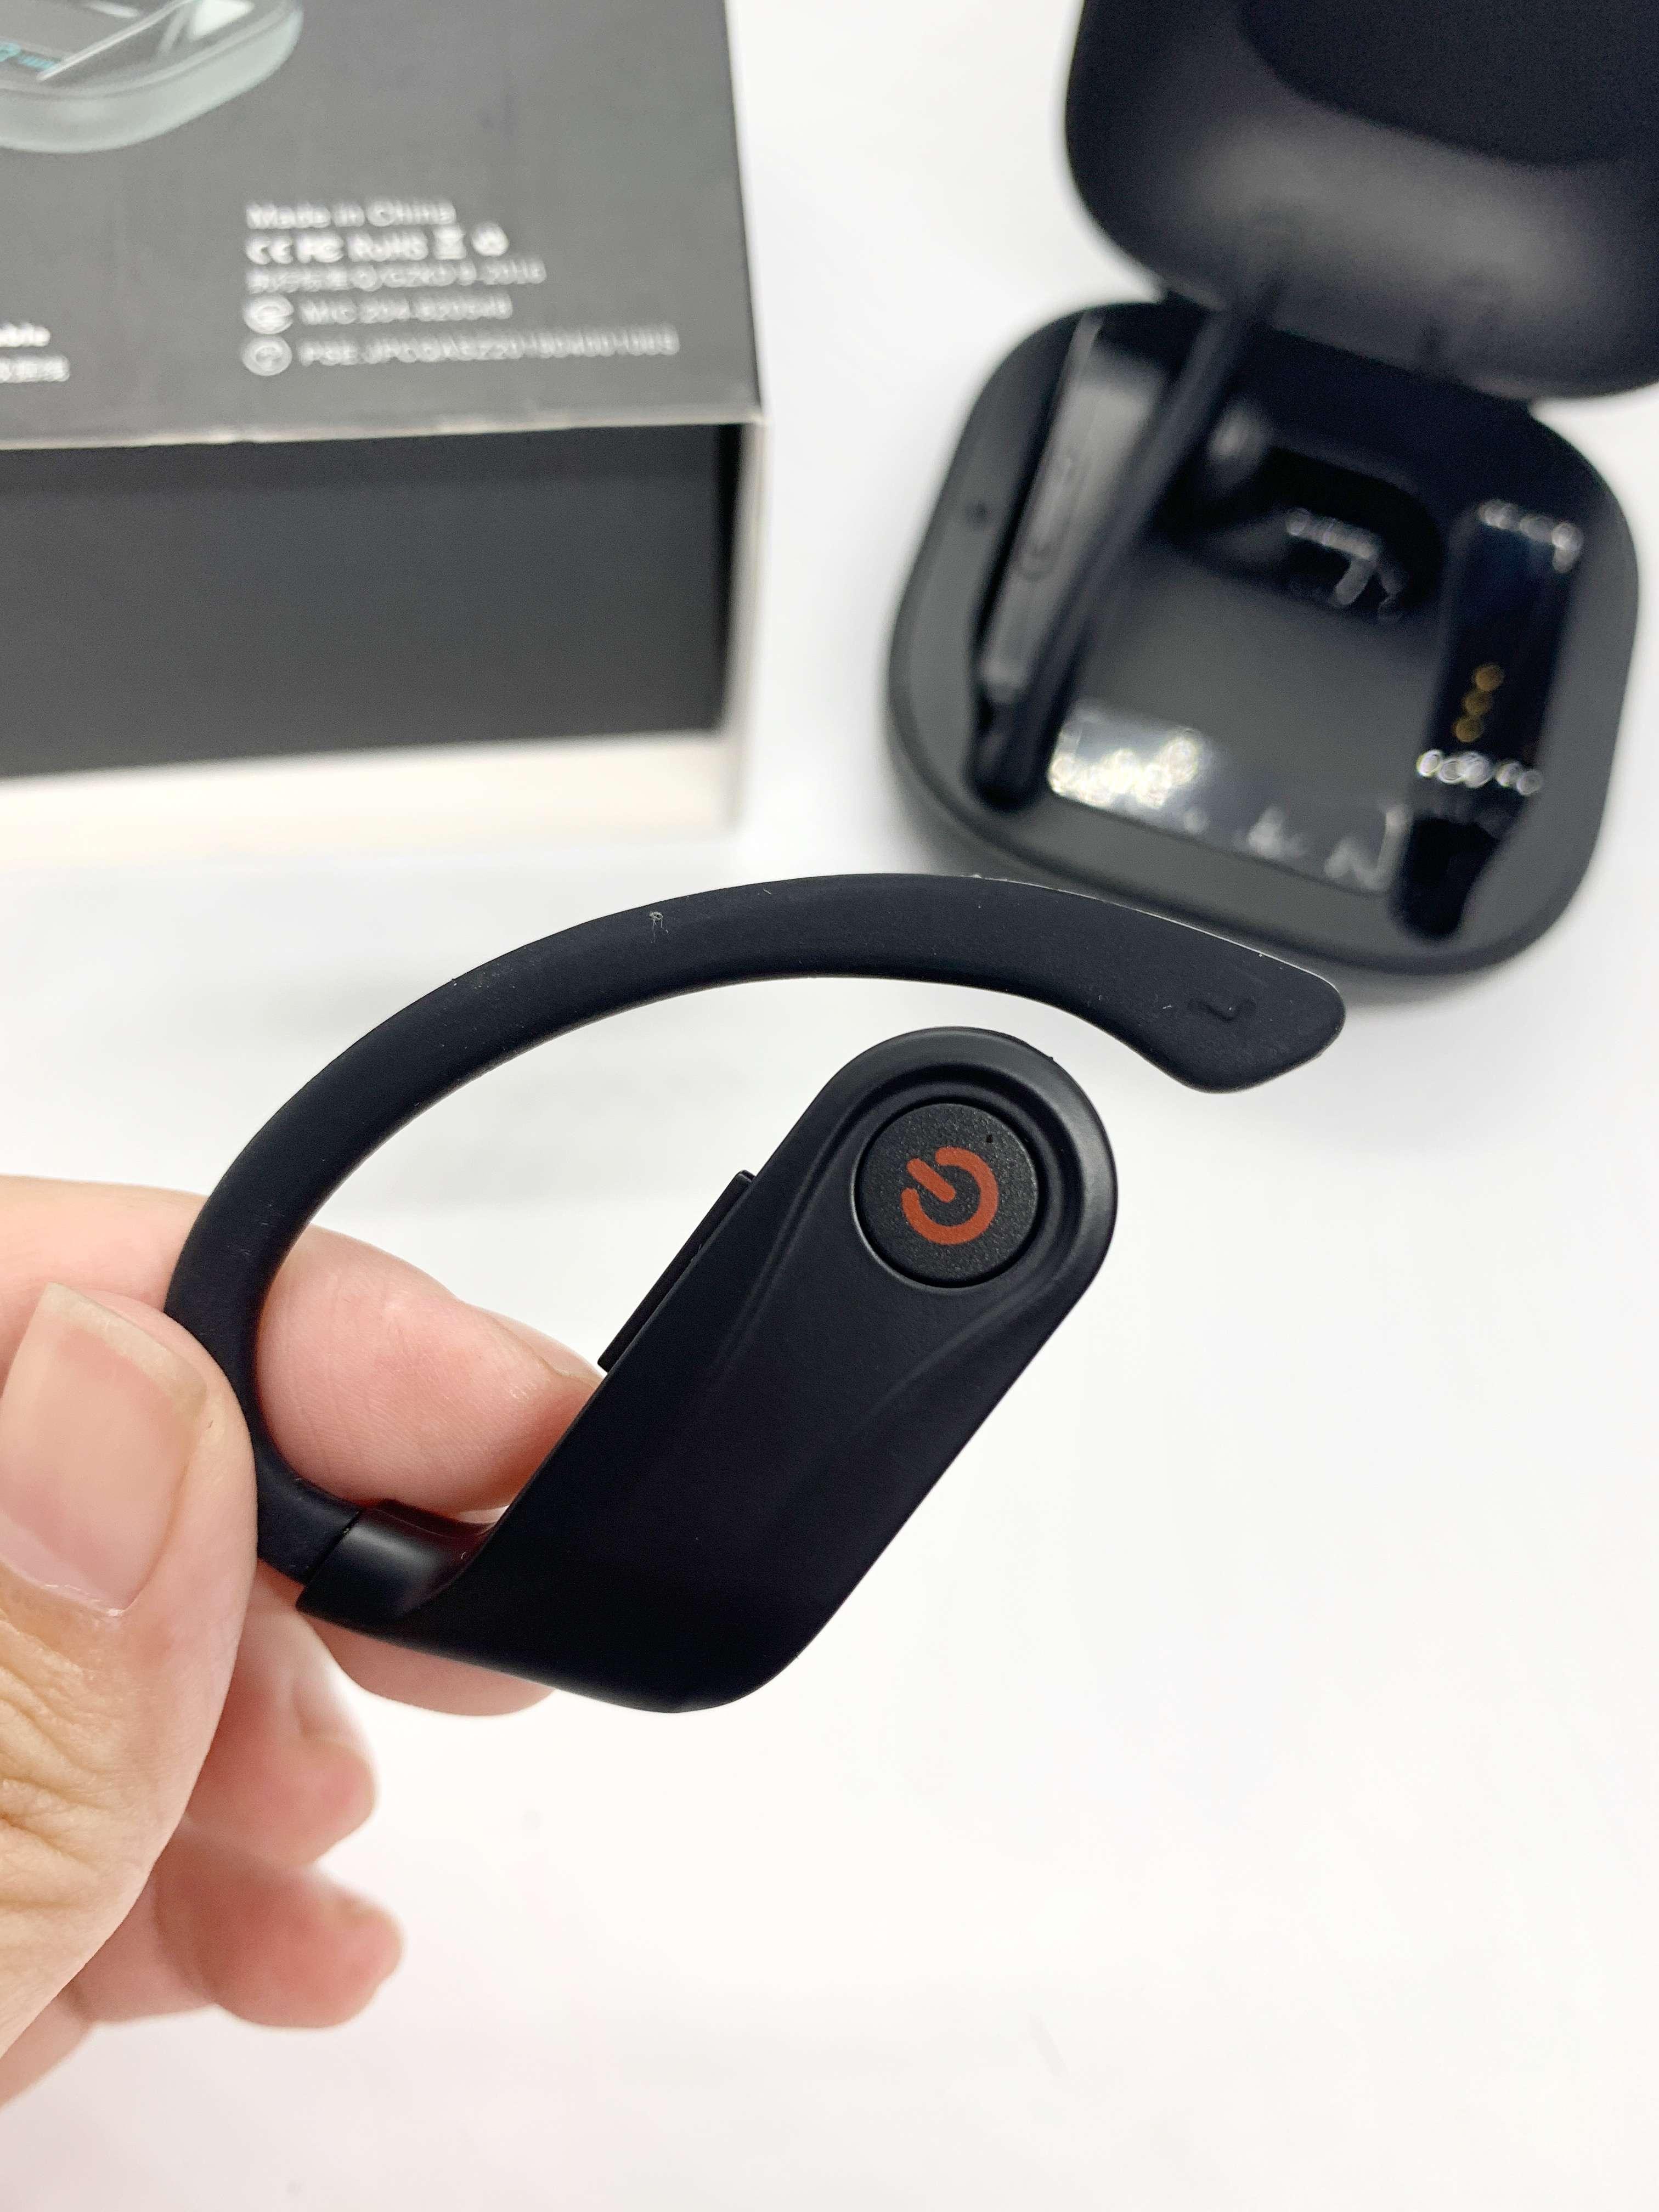 Tai nghe Bluetooth thể thao,Tai nghe Bluetooth nhét tai cao cấp không dây POWERHBQ, dạng vòng móc vành, chống thấm nước.